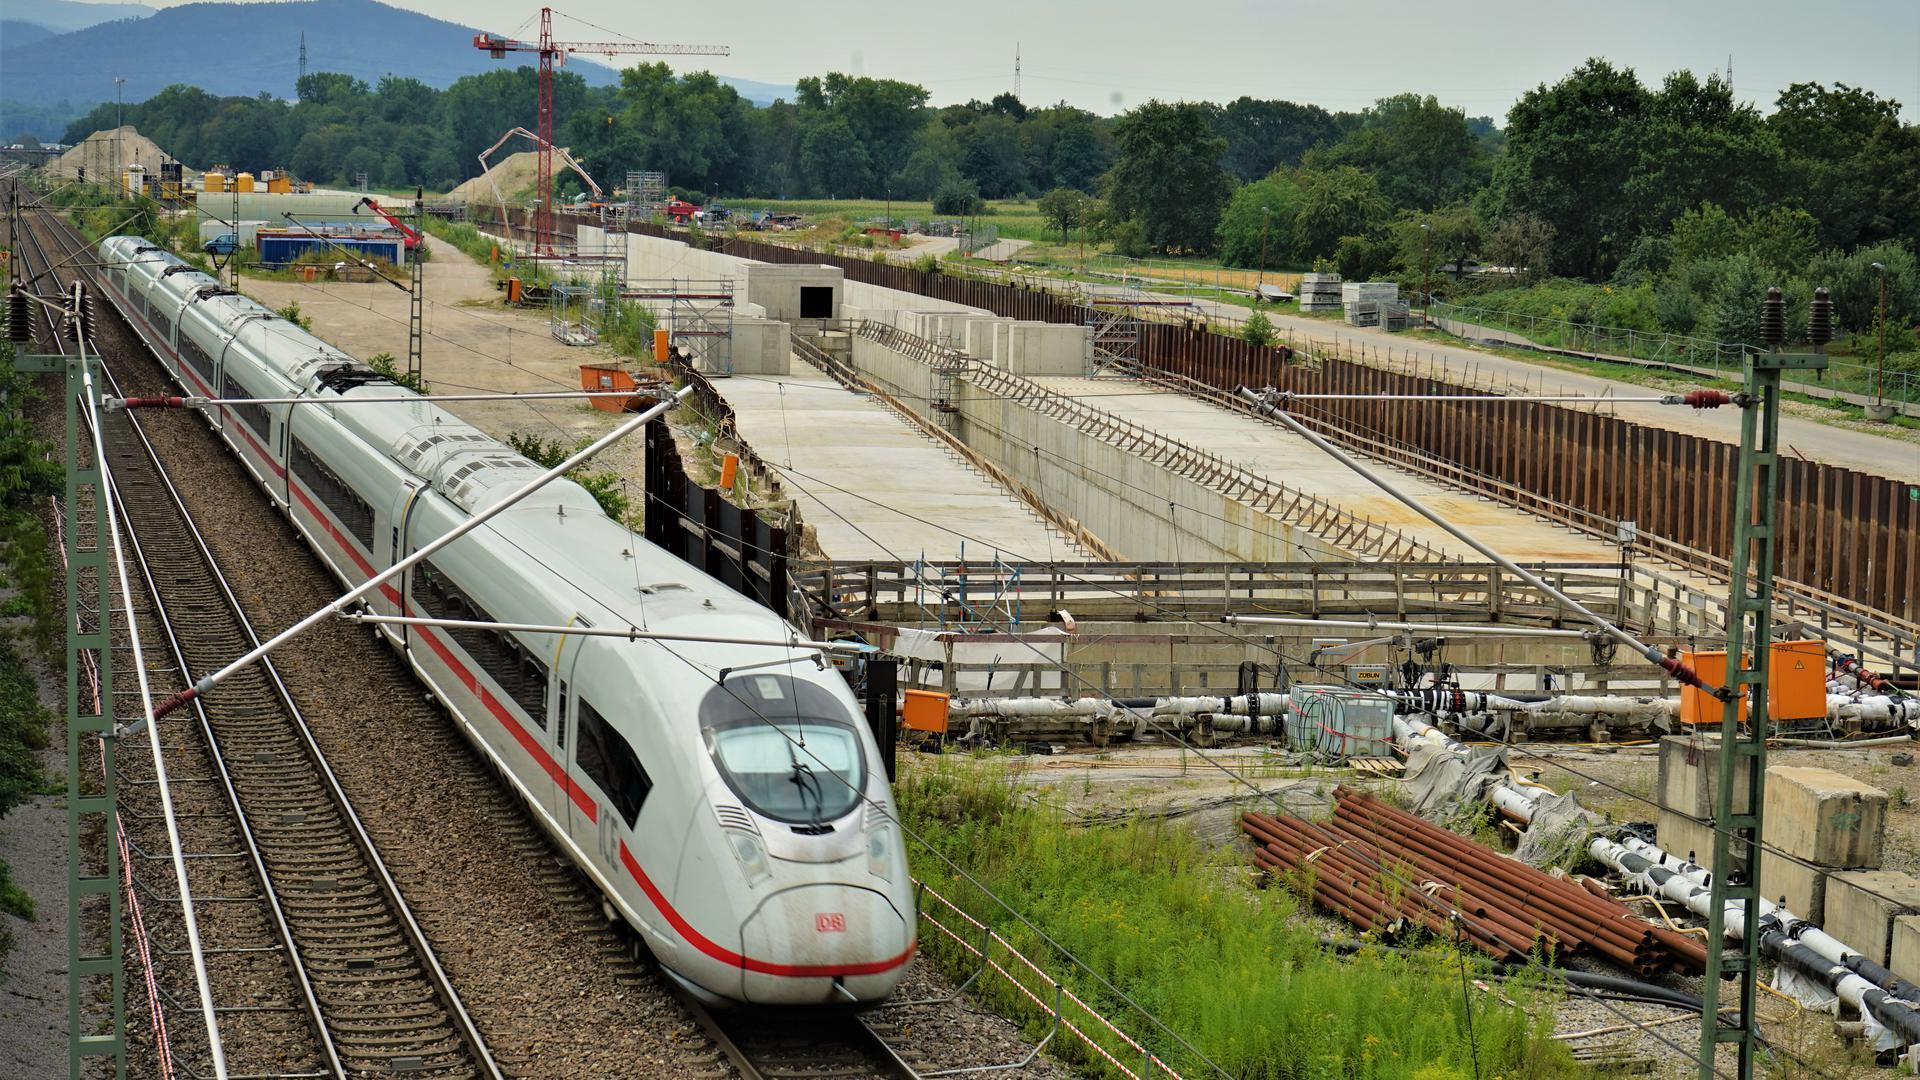 Während die Bohrer im Untergrund verharrten, baute die Deutsche Bahn im Außenbereich weiter. Von den beiden Rampen bei Niederbühl führt die Neubautrasse weiter entlang der bestehenden Rheintalstrecke.